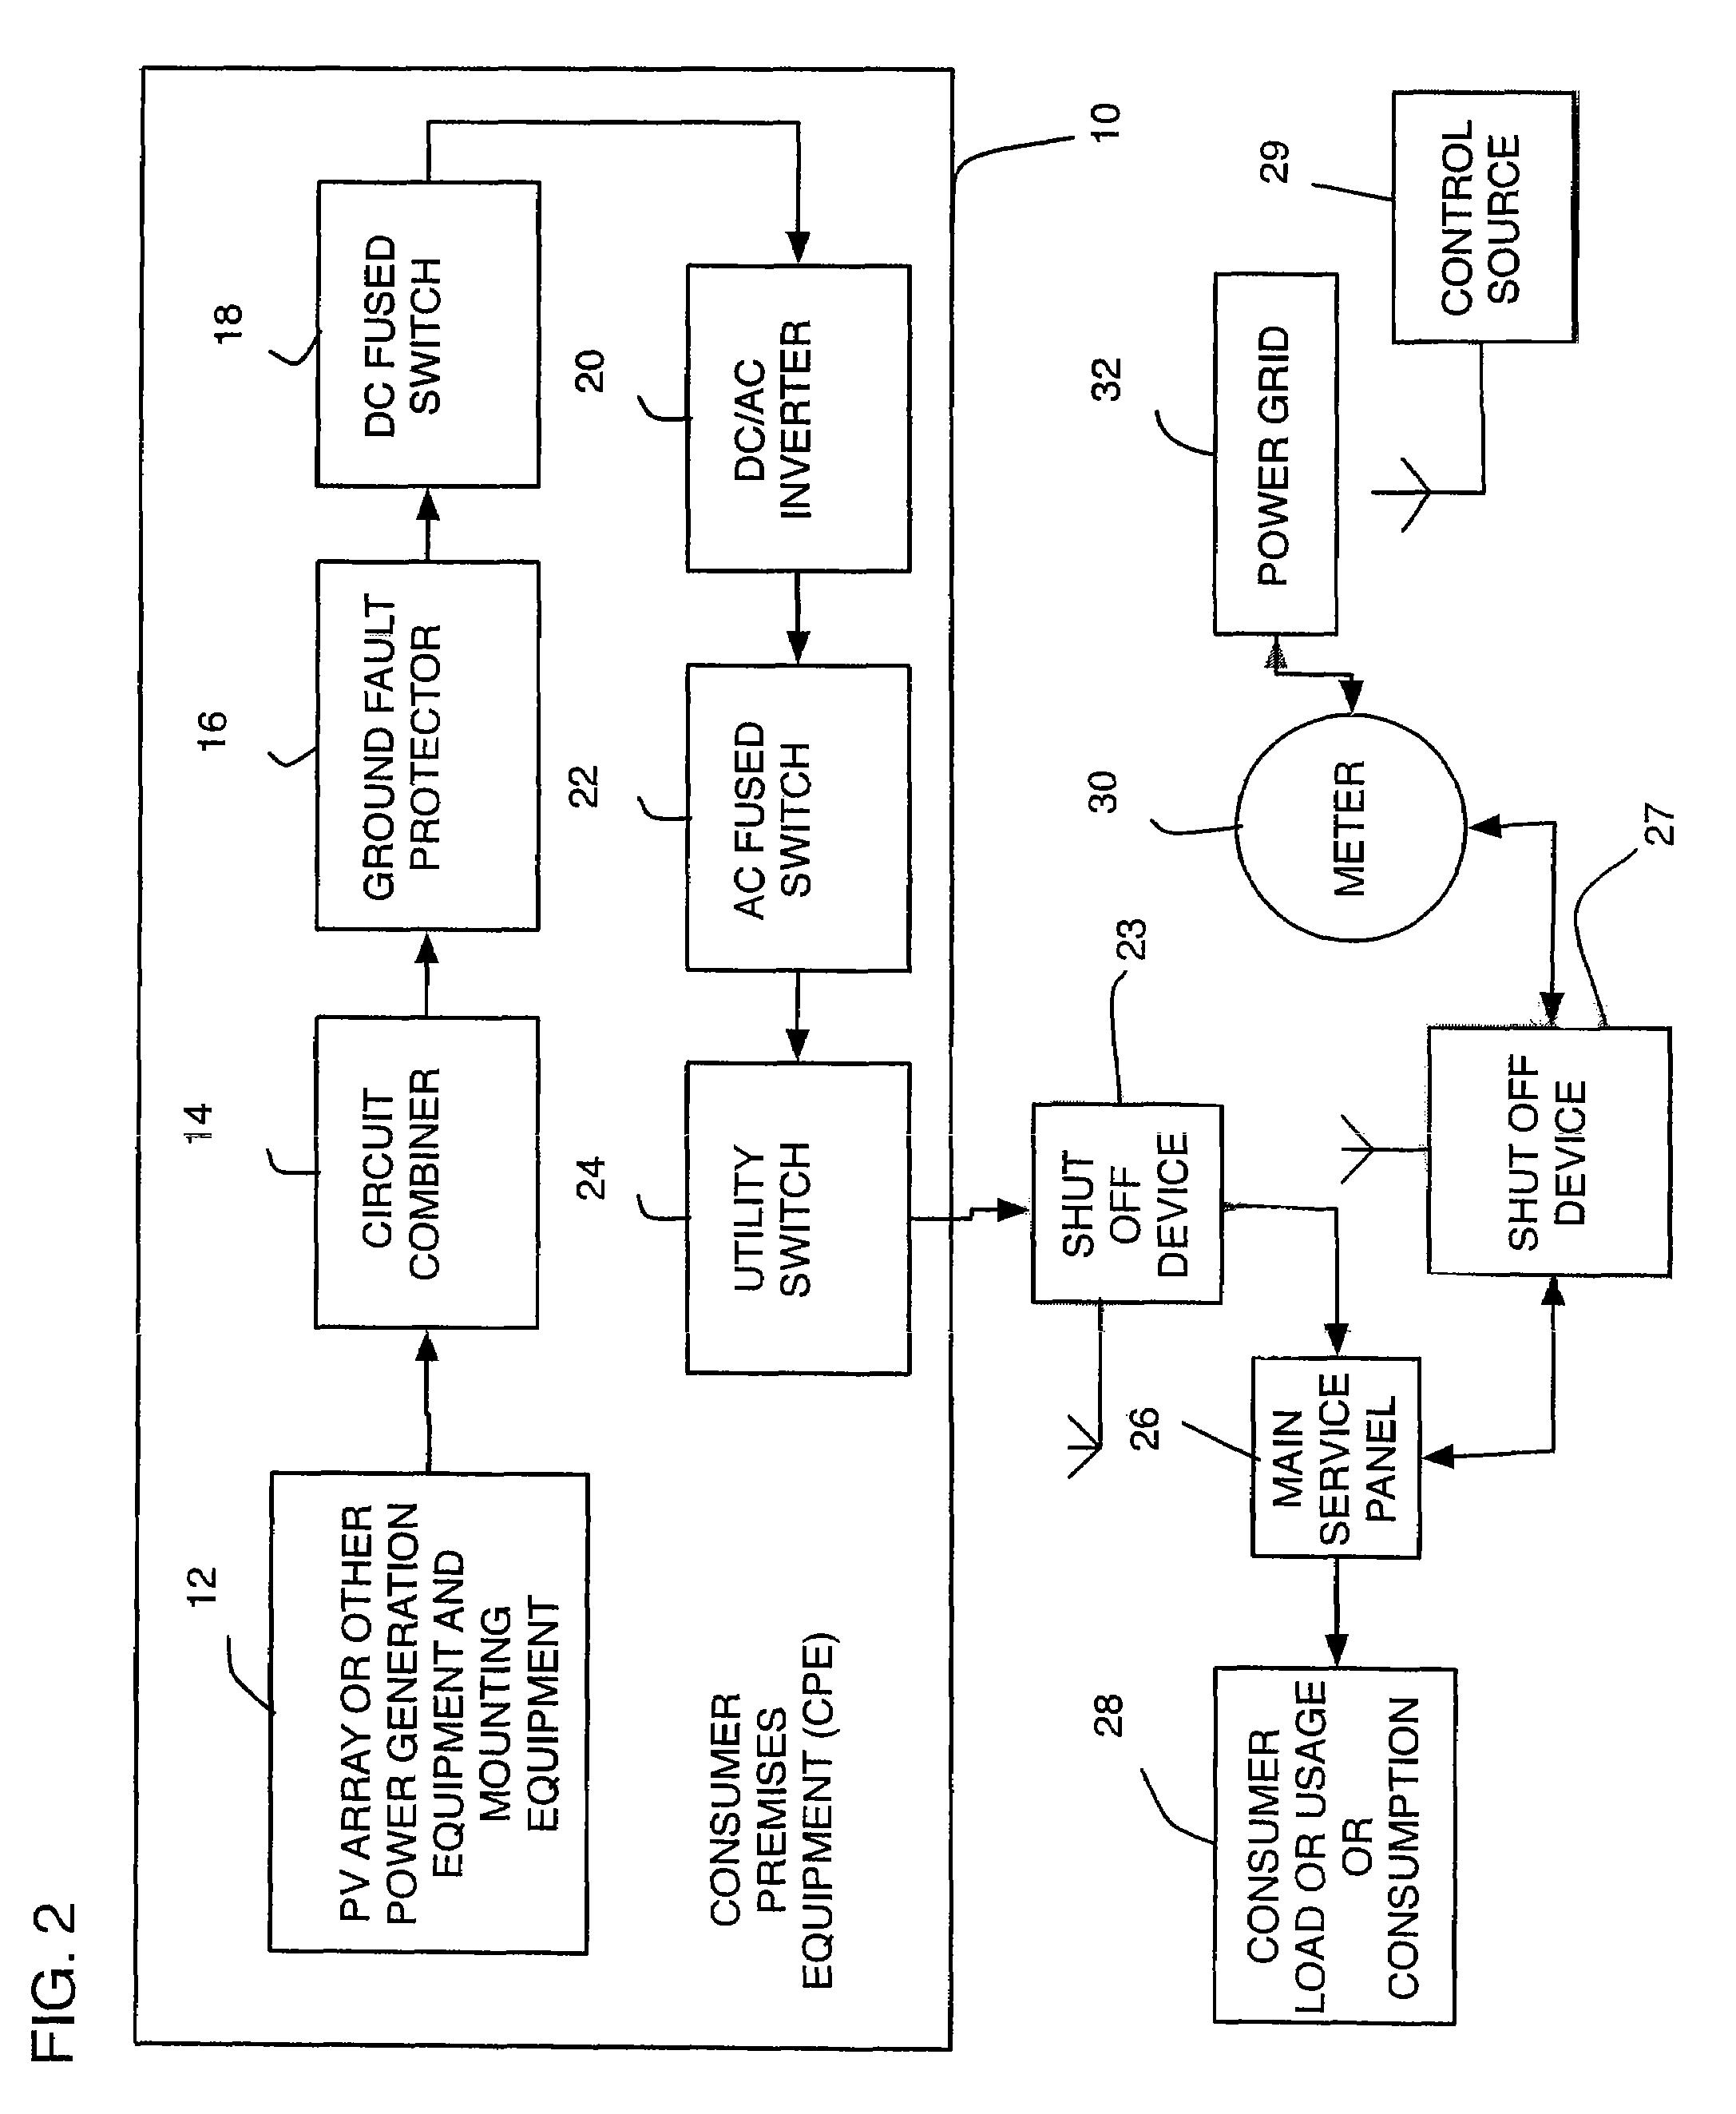 Passtime Ptc 3g Wiring Diagram